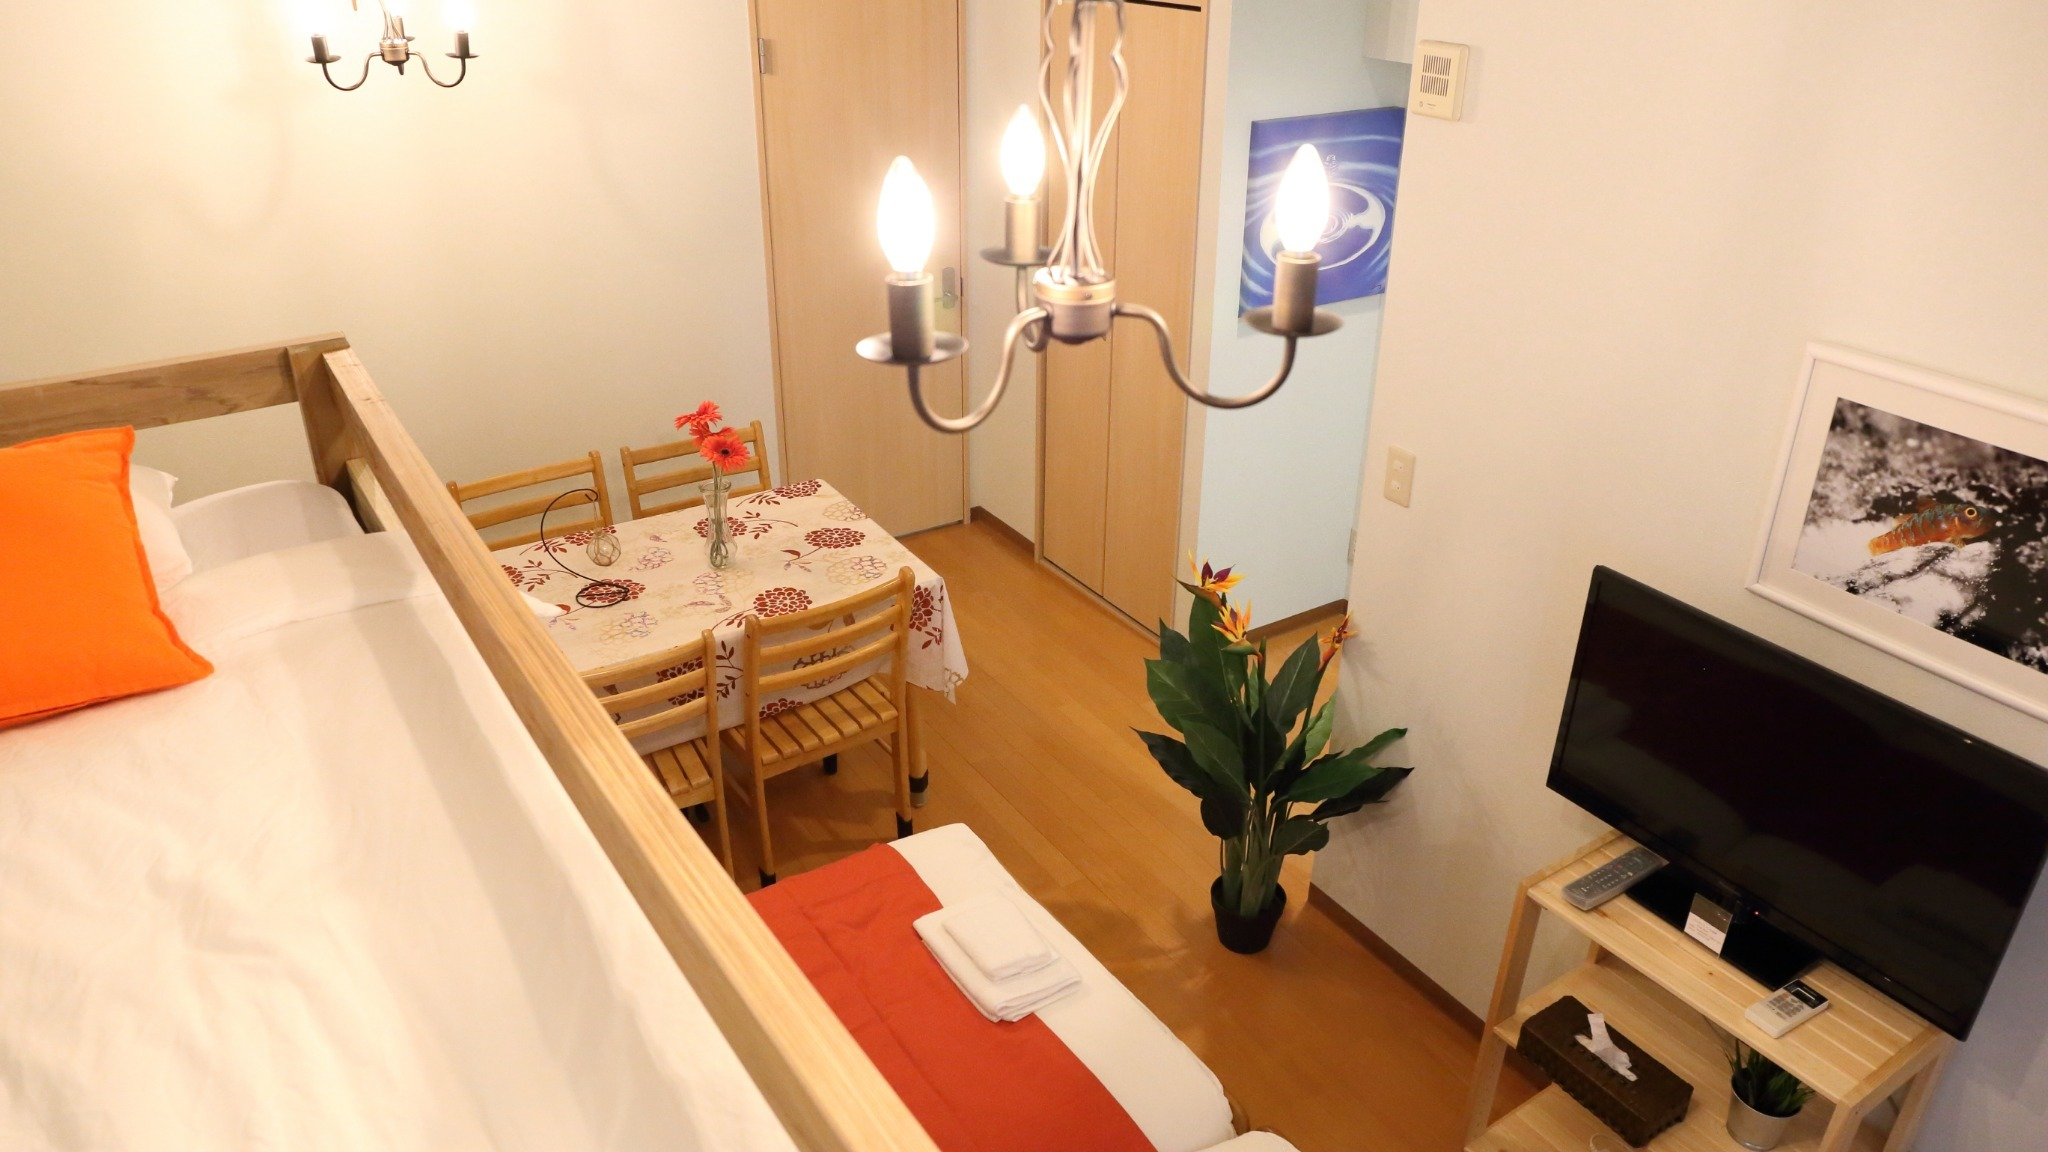 石垣島アパートメントホテルRoom102